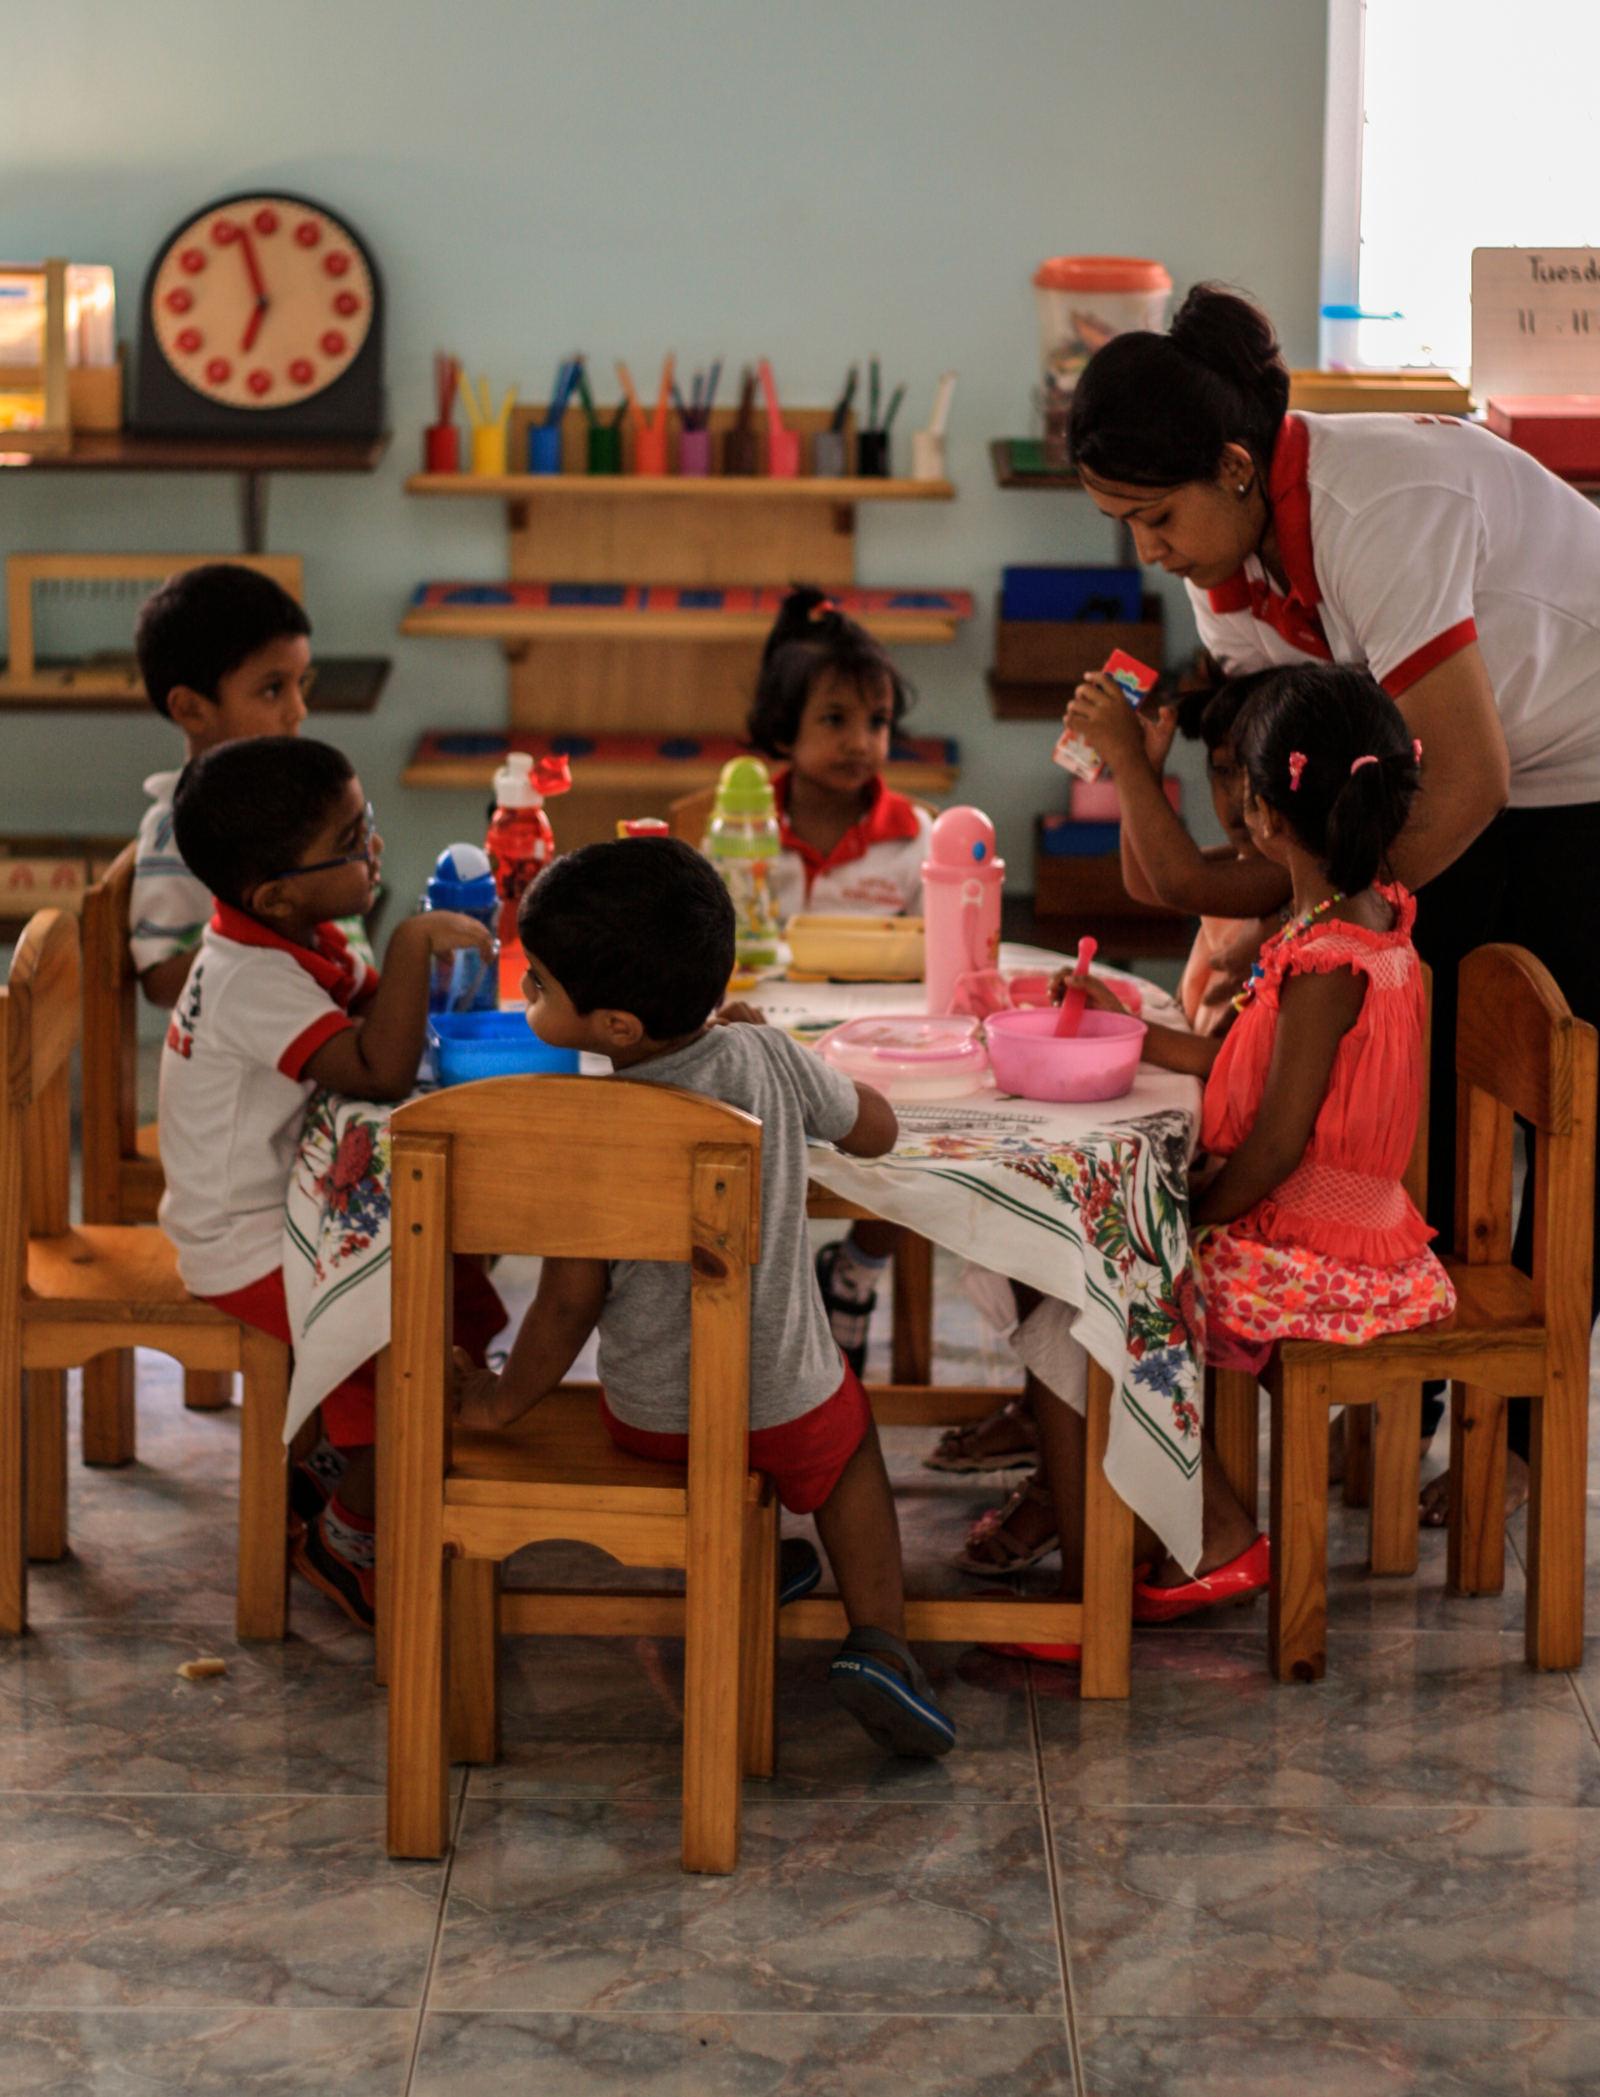 About Little Explorers Montessori